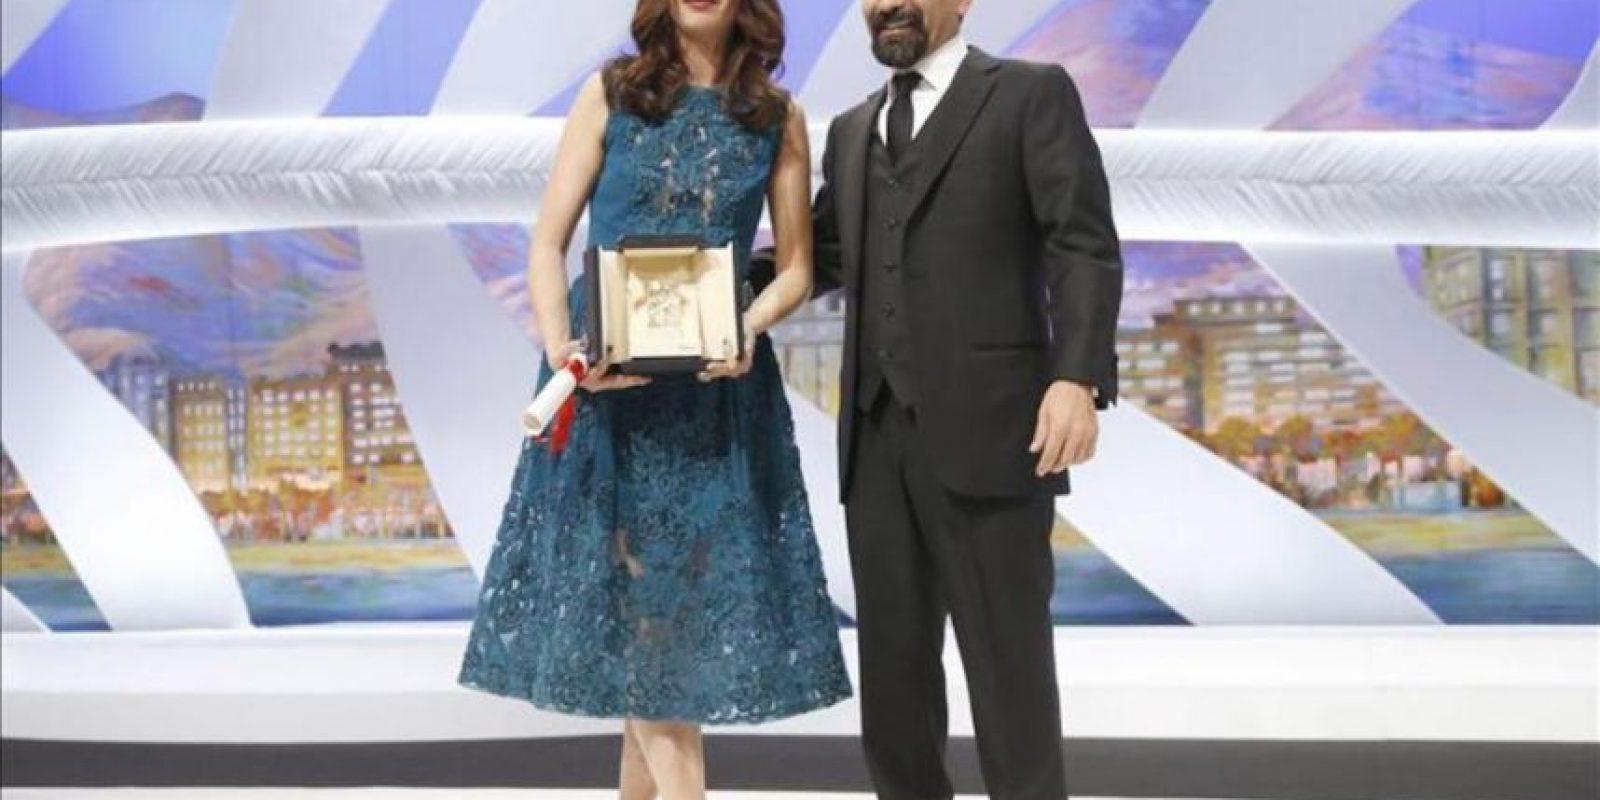 La actriz franco-argentina Berenice Bejo posa junto al director iraní Asghar Farhadi (d) tras recibir el el premio a la mejor interpretación femenina en la 66 edición del Festival de Cannes. EFE